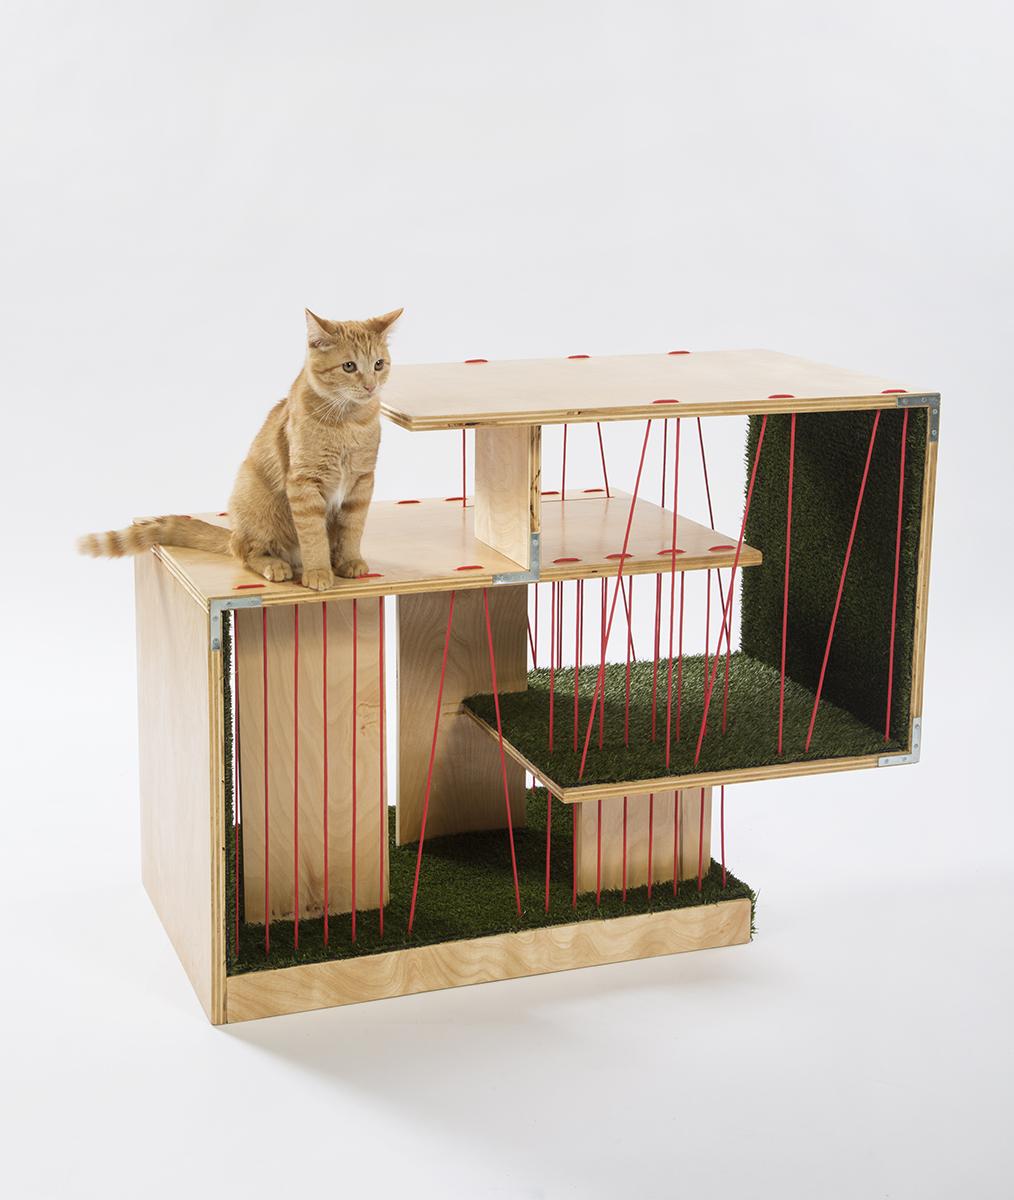 07-rnl-cat-shelter